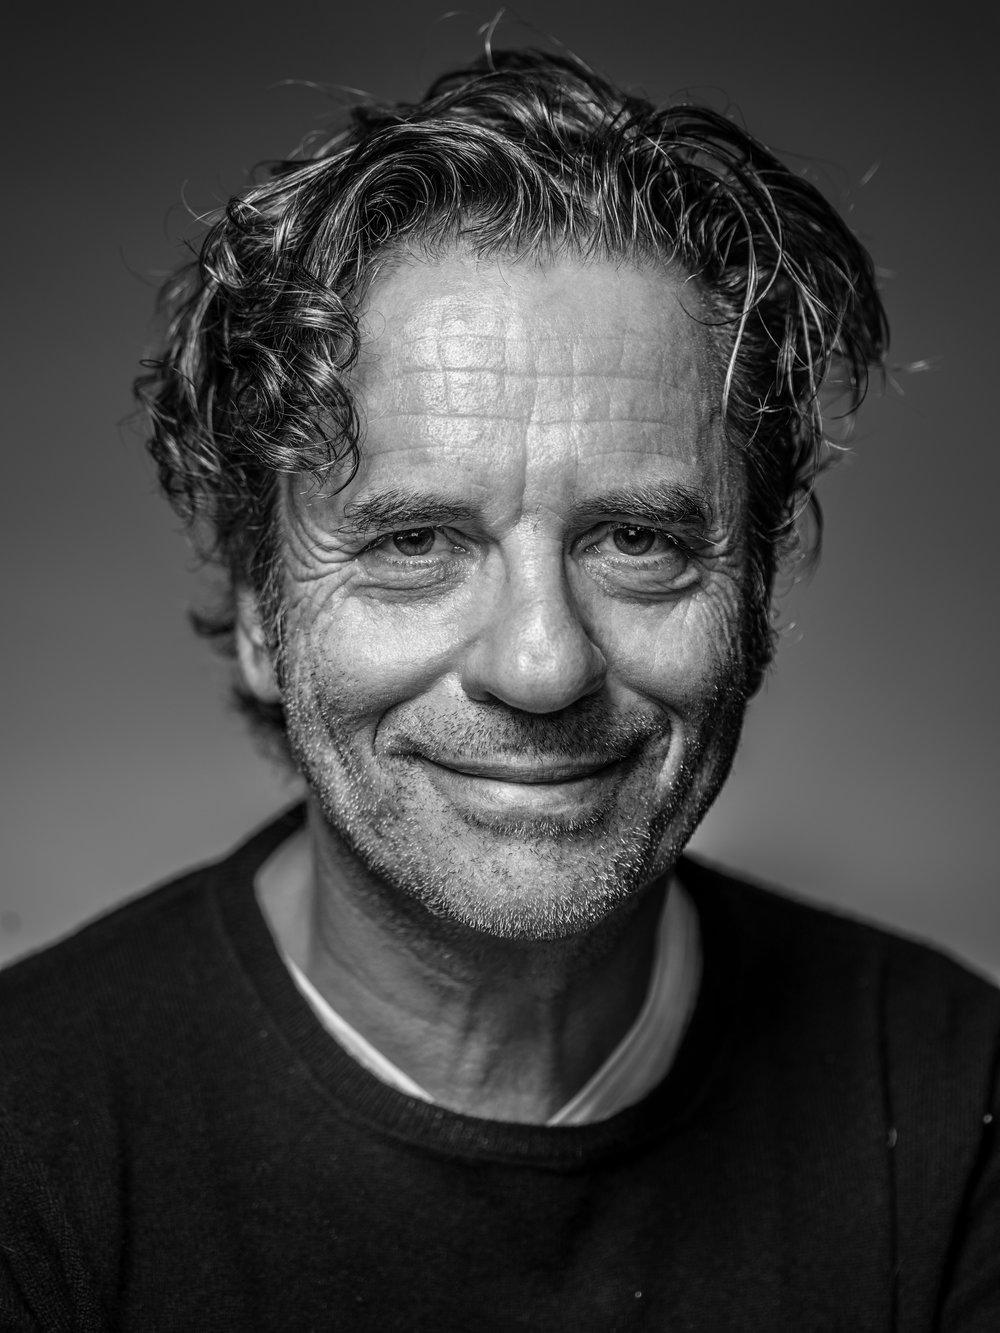 Alberto Venzago - Schweizer Starfotograf, zu Gast in Episode 2